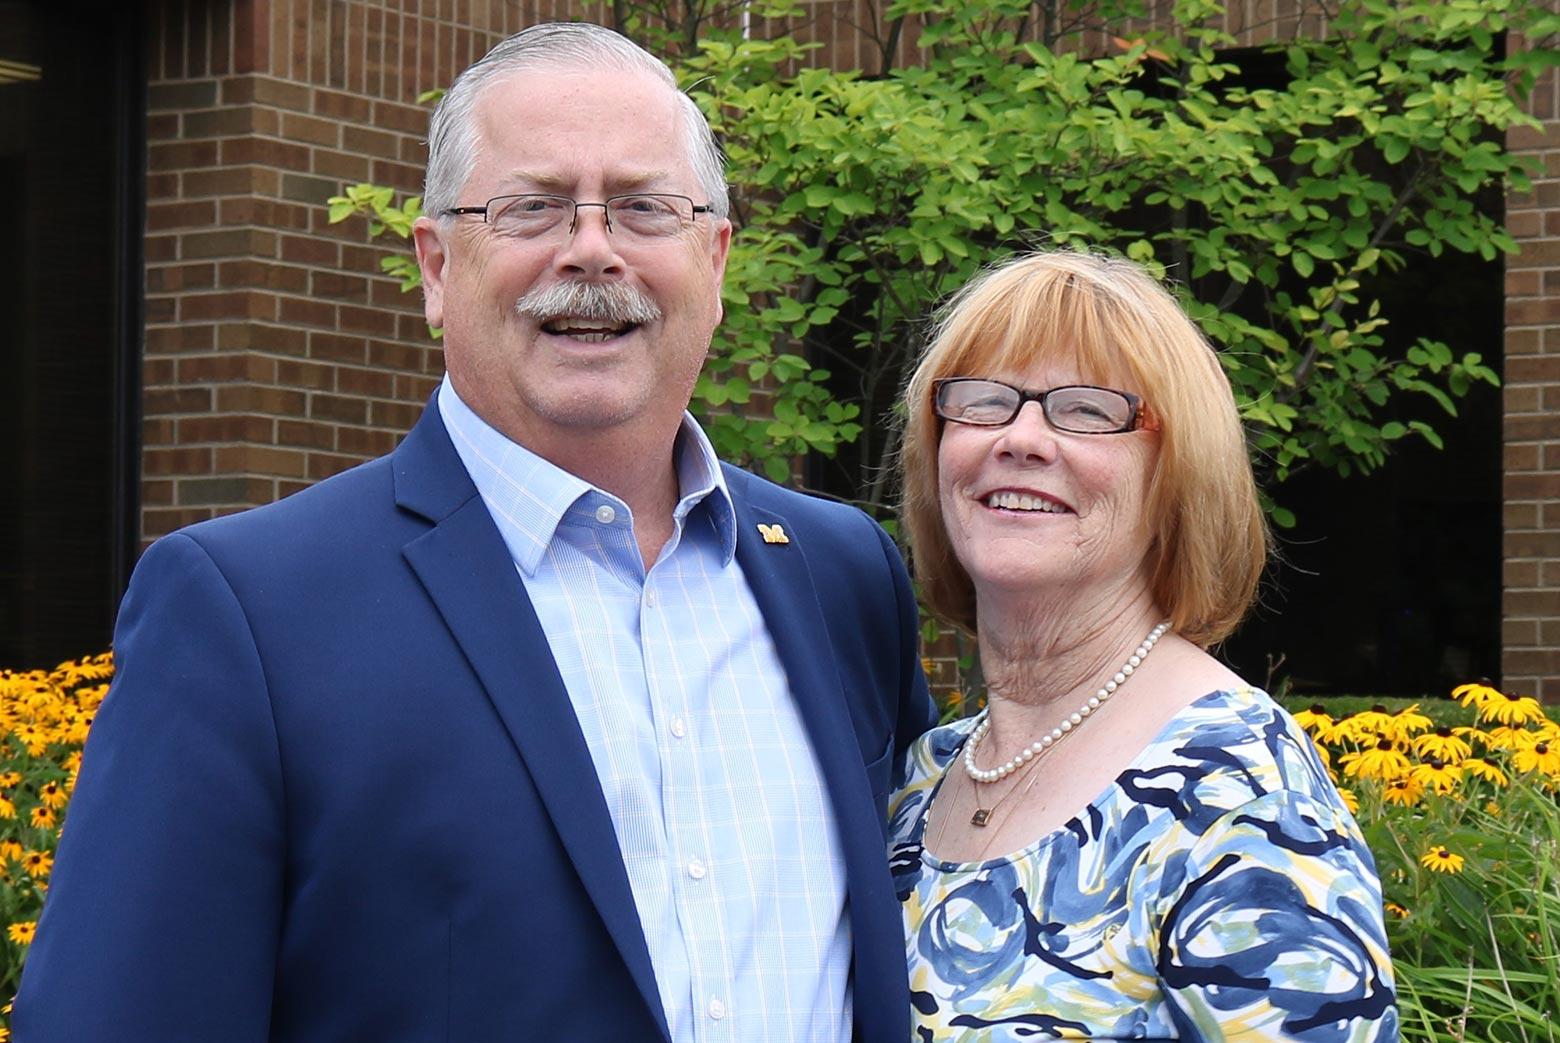 Jim and Carol Ann Fausone